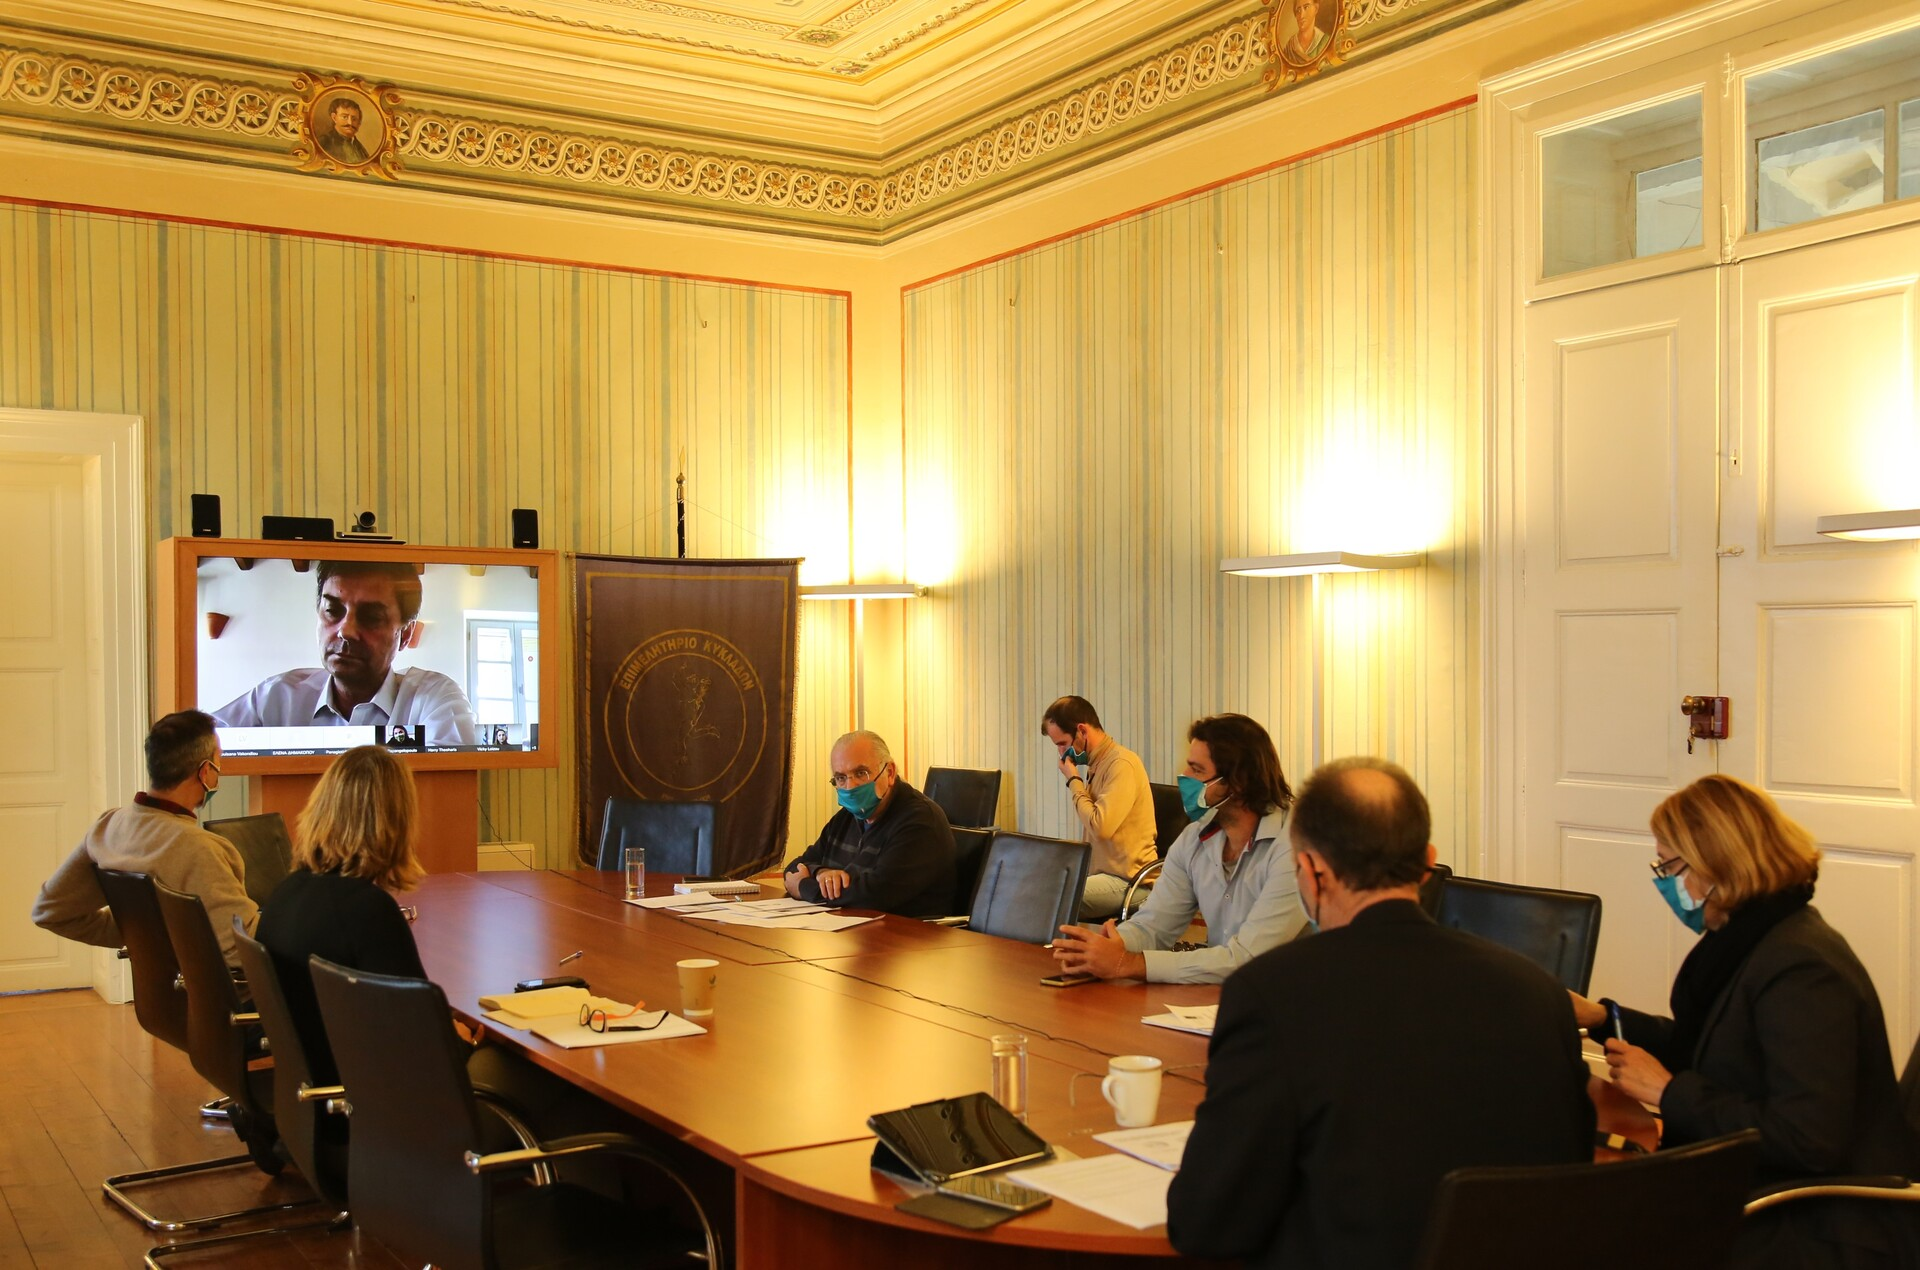 Ευρεία σύσκεψη εργασίας μεταξύ της ηγεσίας, στελεχών του Υπουργείου Τουρισμού και του Επιμελητηρίου Κυκλάδων